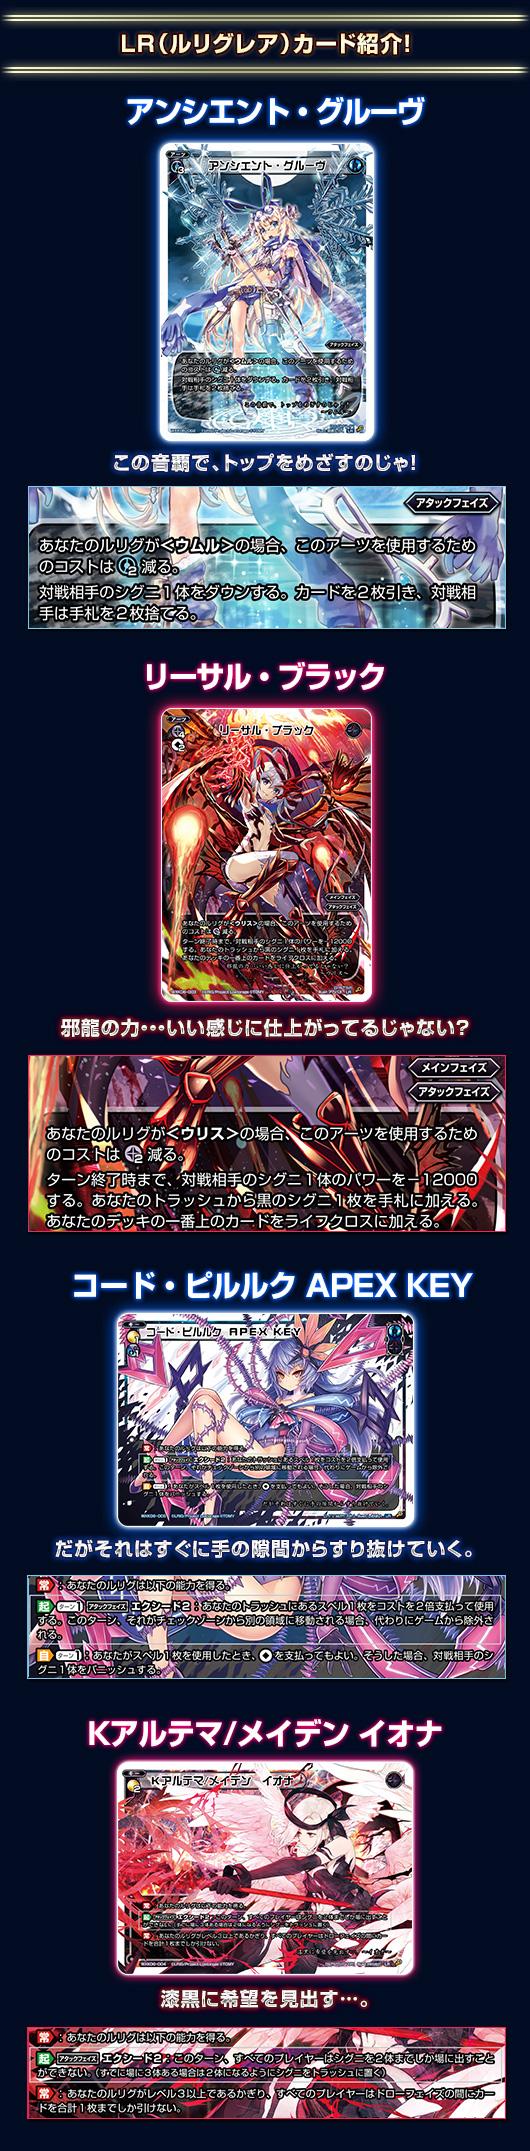 タカラトミー/ウィクロスTCG ブースター〔WXK-06〕LR(ルリグレア)カード紹介!